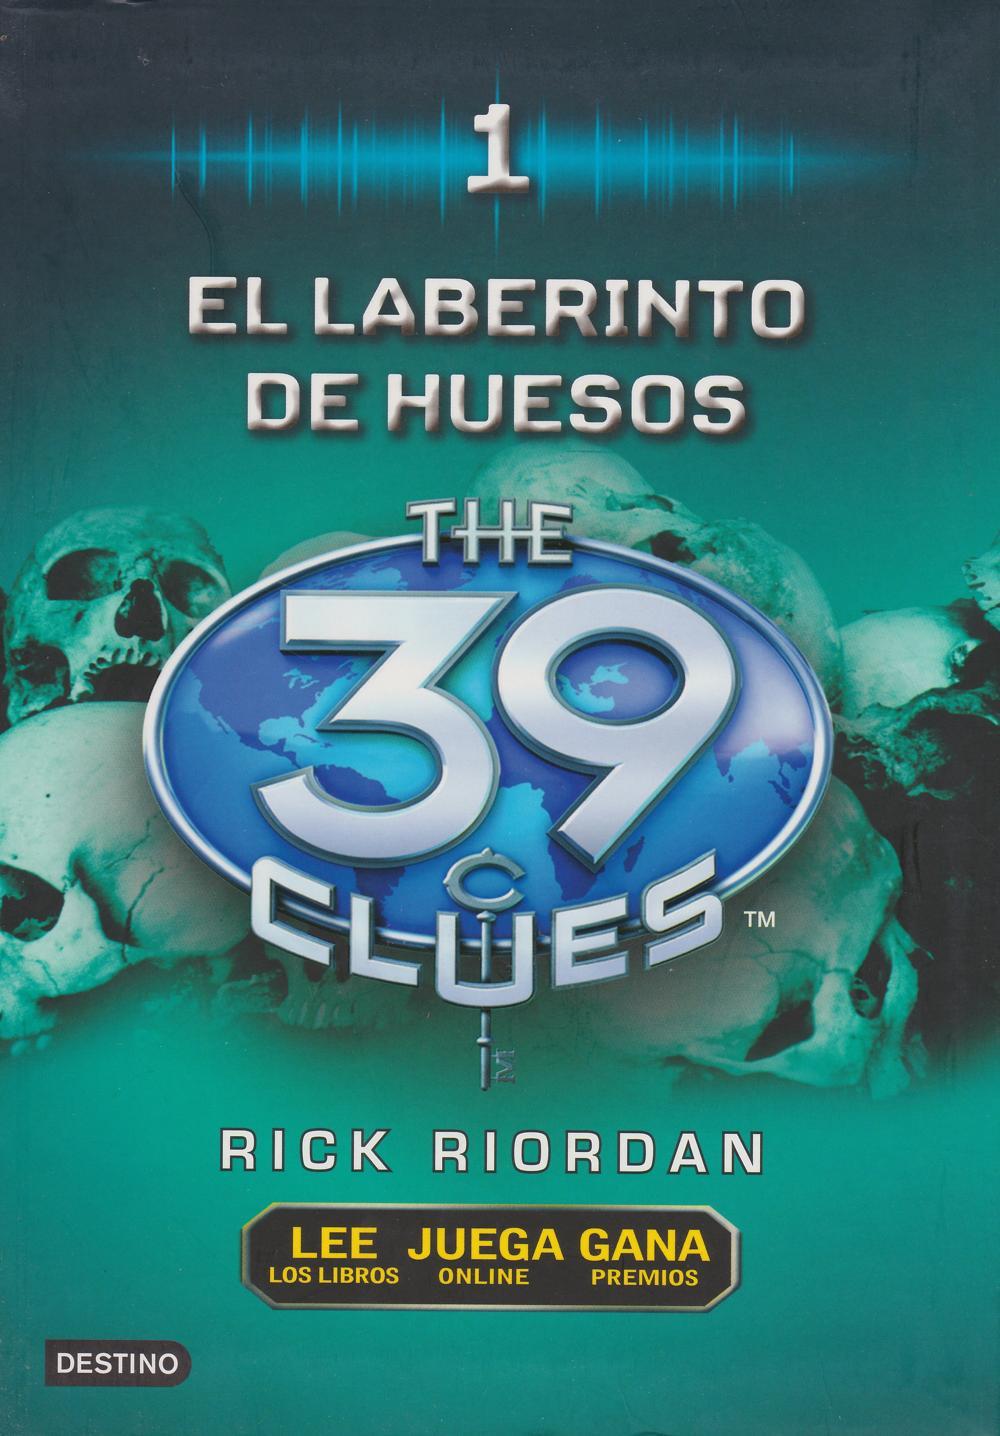 39 Clues Collection, Rey Del Sol, Del Sol Books, Del Sol University